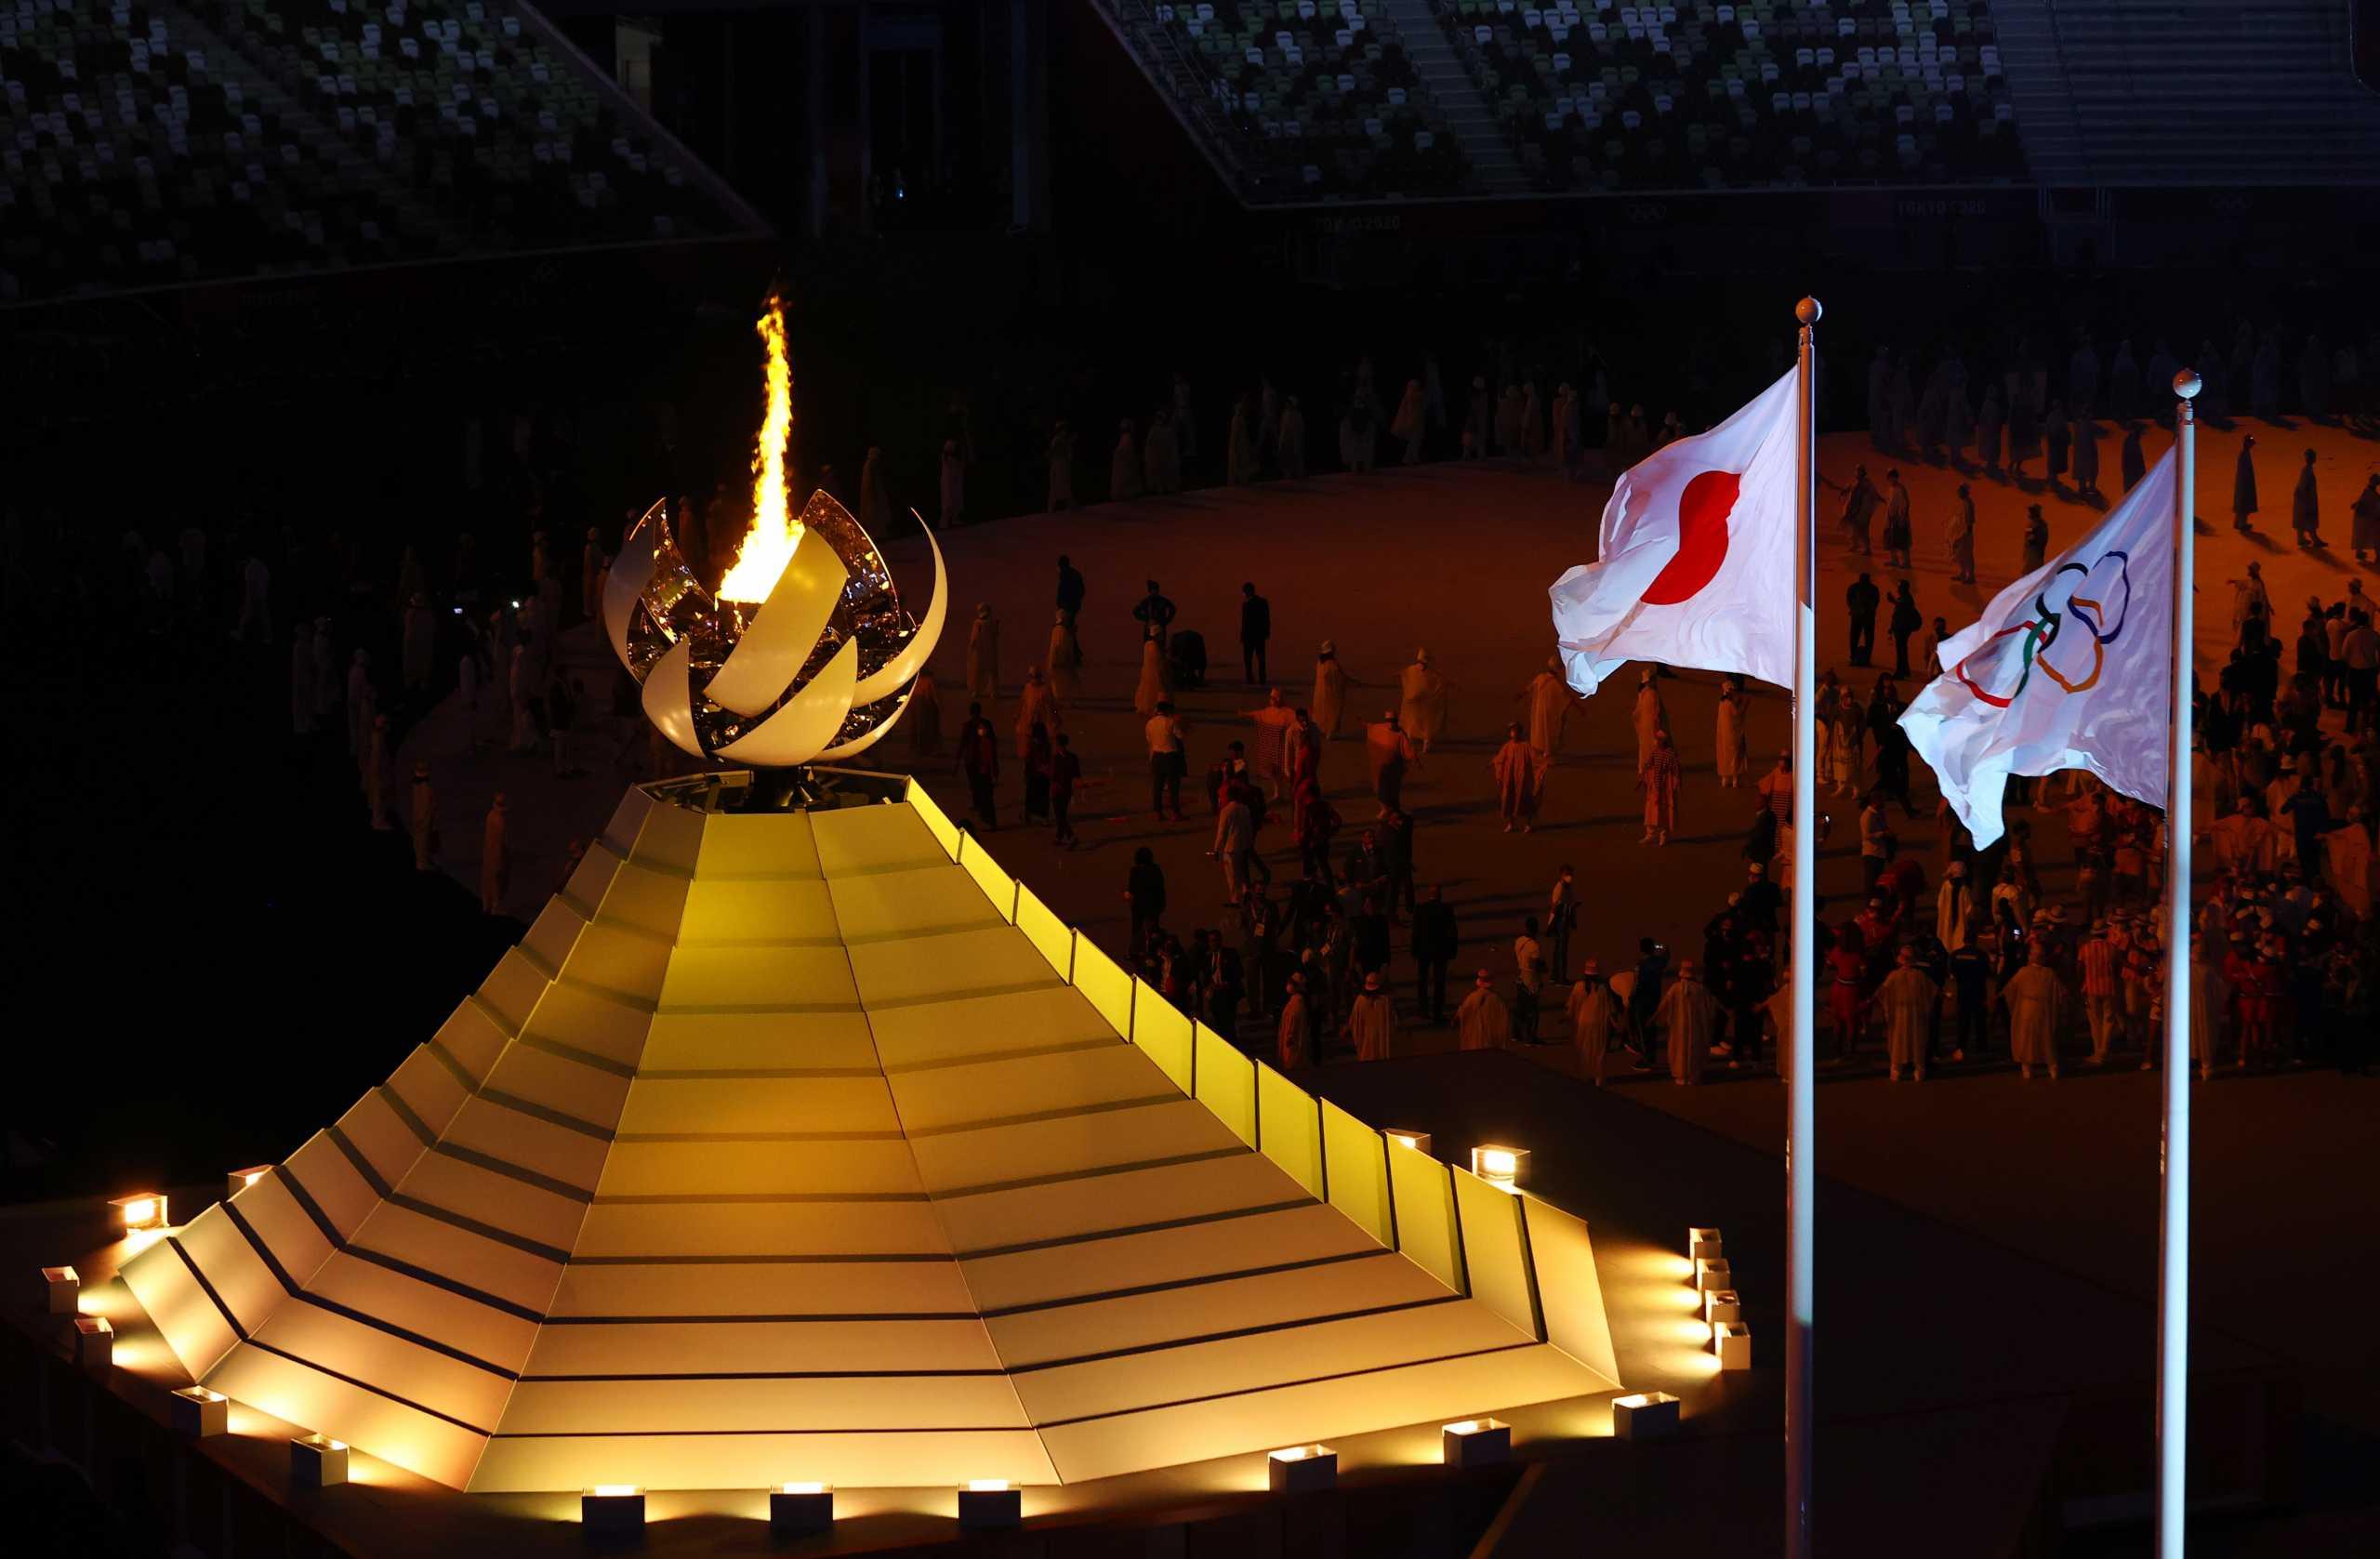 Ολυμπιακοί Αγώνες: Όλα όσα έγιναν στην εντυπωσιακή τελετή έναρξης στο Τόκιο